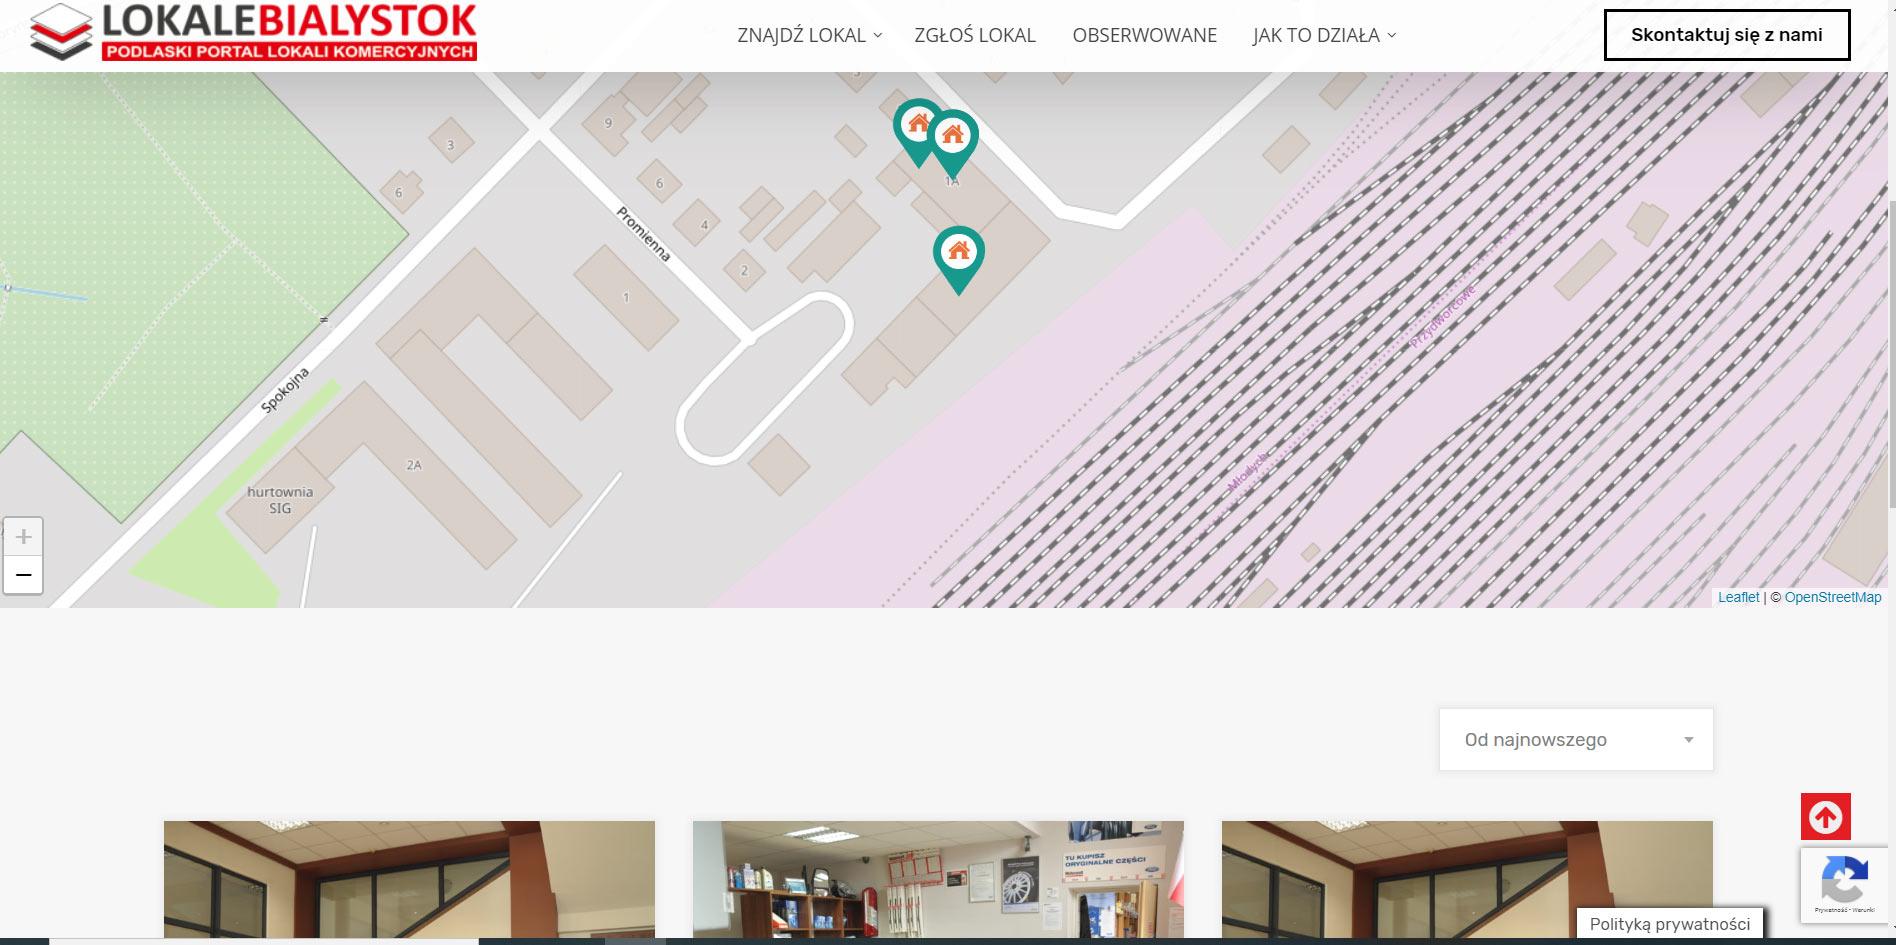 www.evion.pl serwis ogłoszeniowy tworzenie serwisów Białystok tworzenie stron internetowych tanie serwisy www tanie strony www Białystok projekyt stron internetowych projekty sklepów (3)